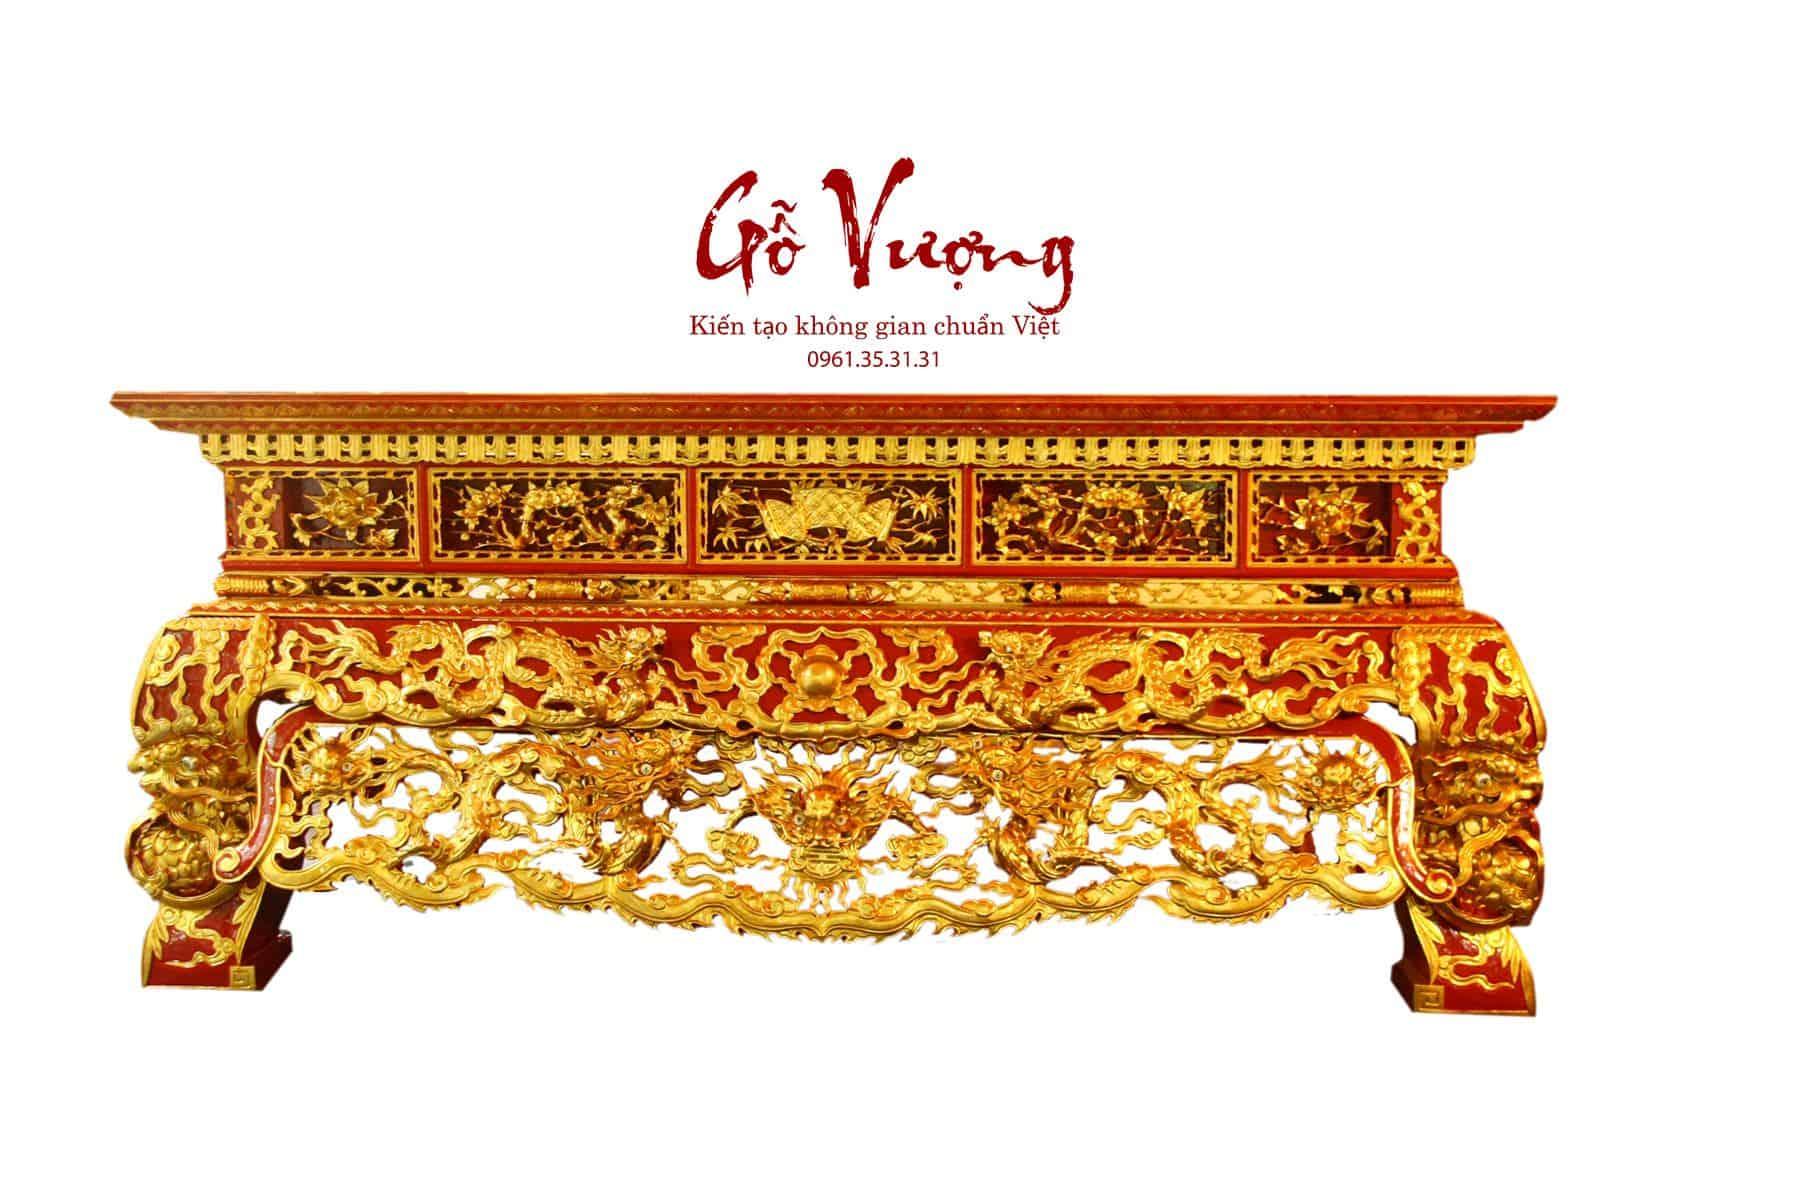 Sập thờ tứ linh 2 dạ lối cổ gỗ mít sơn son thếp vàng